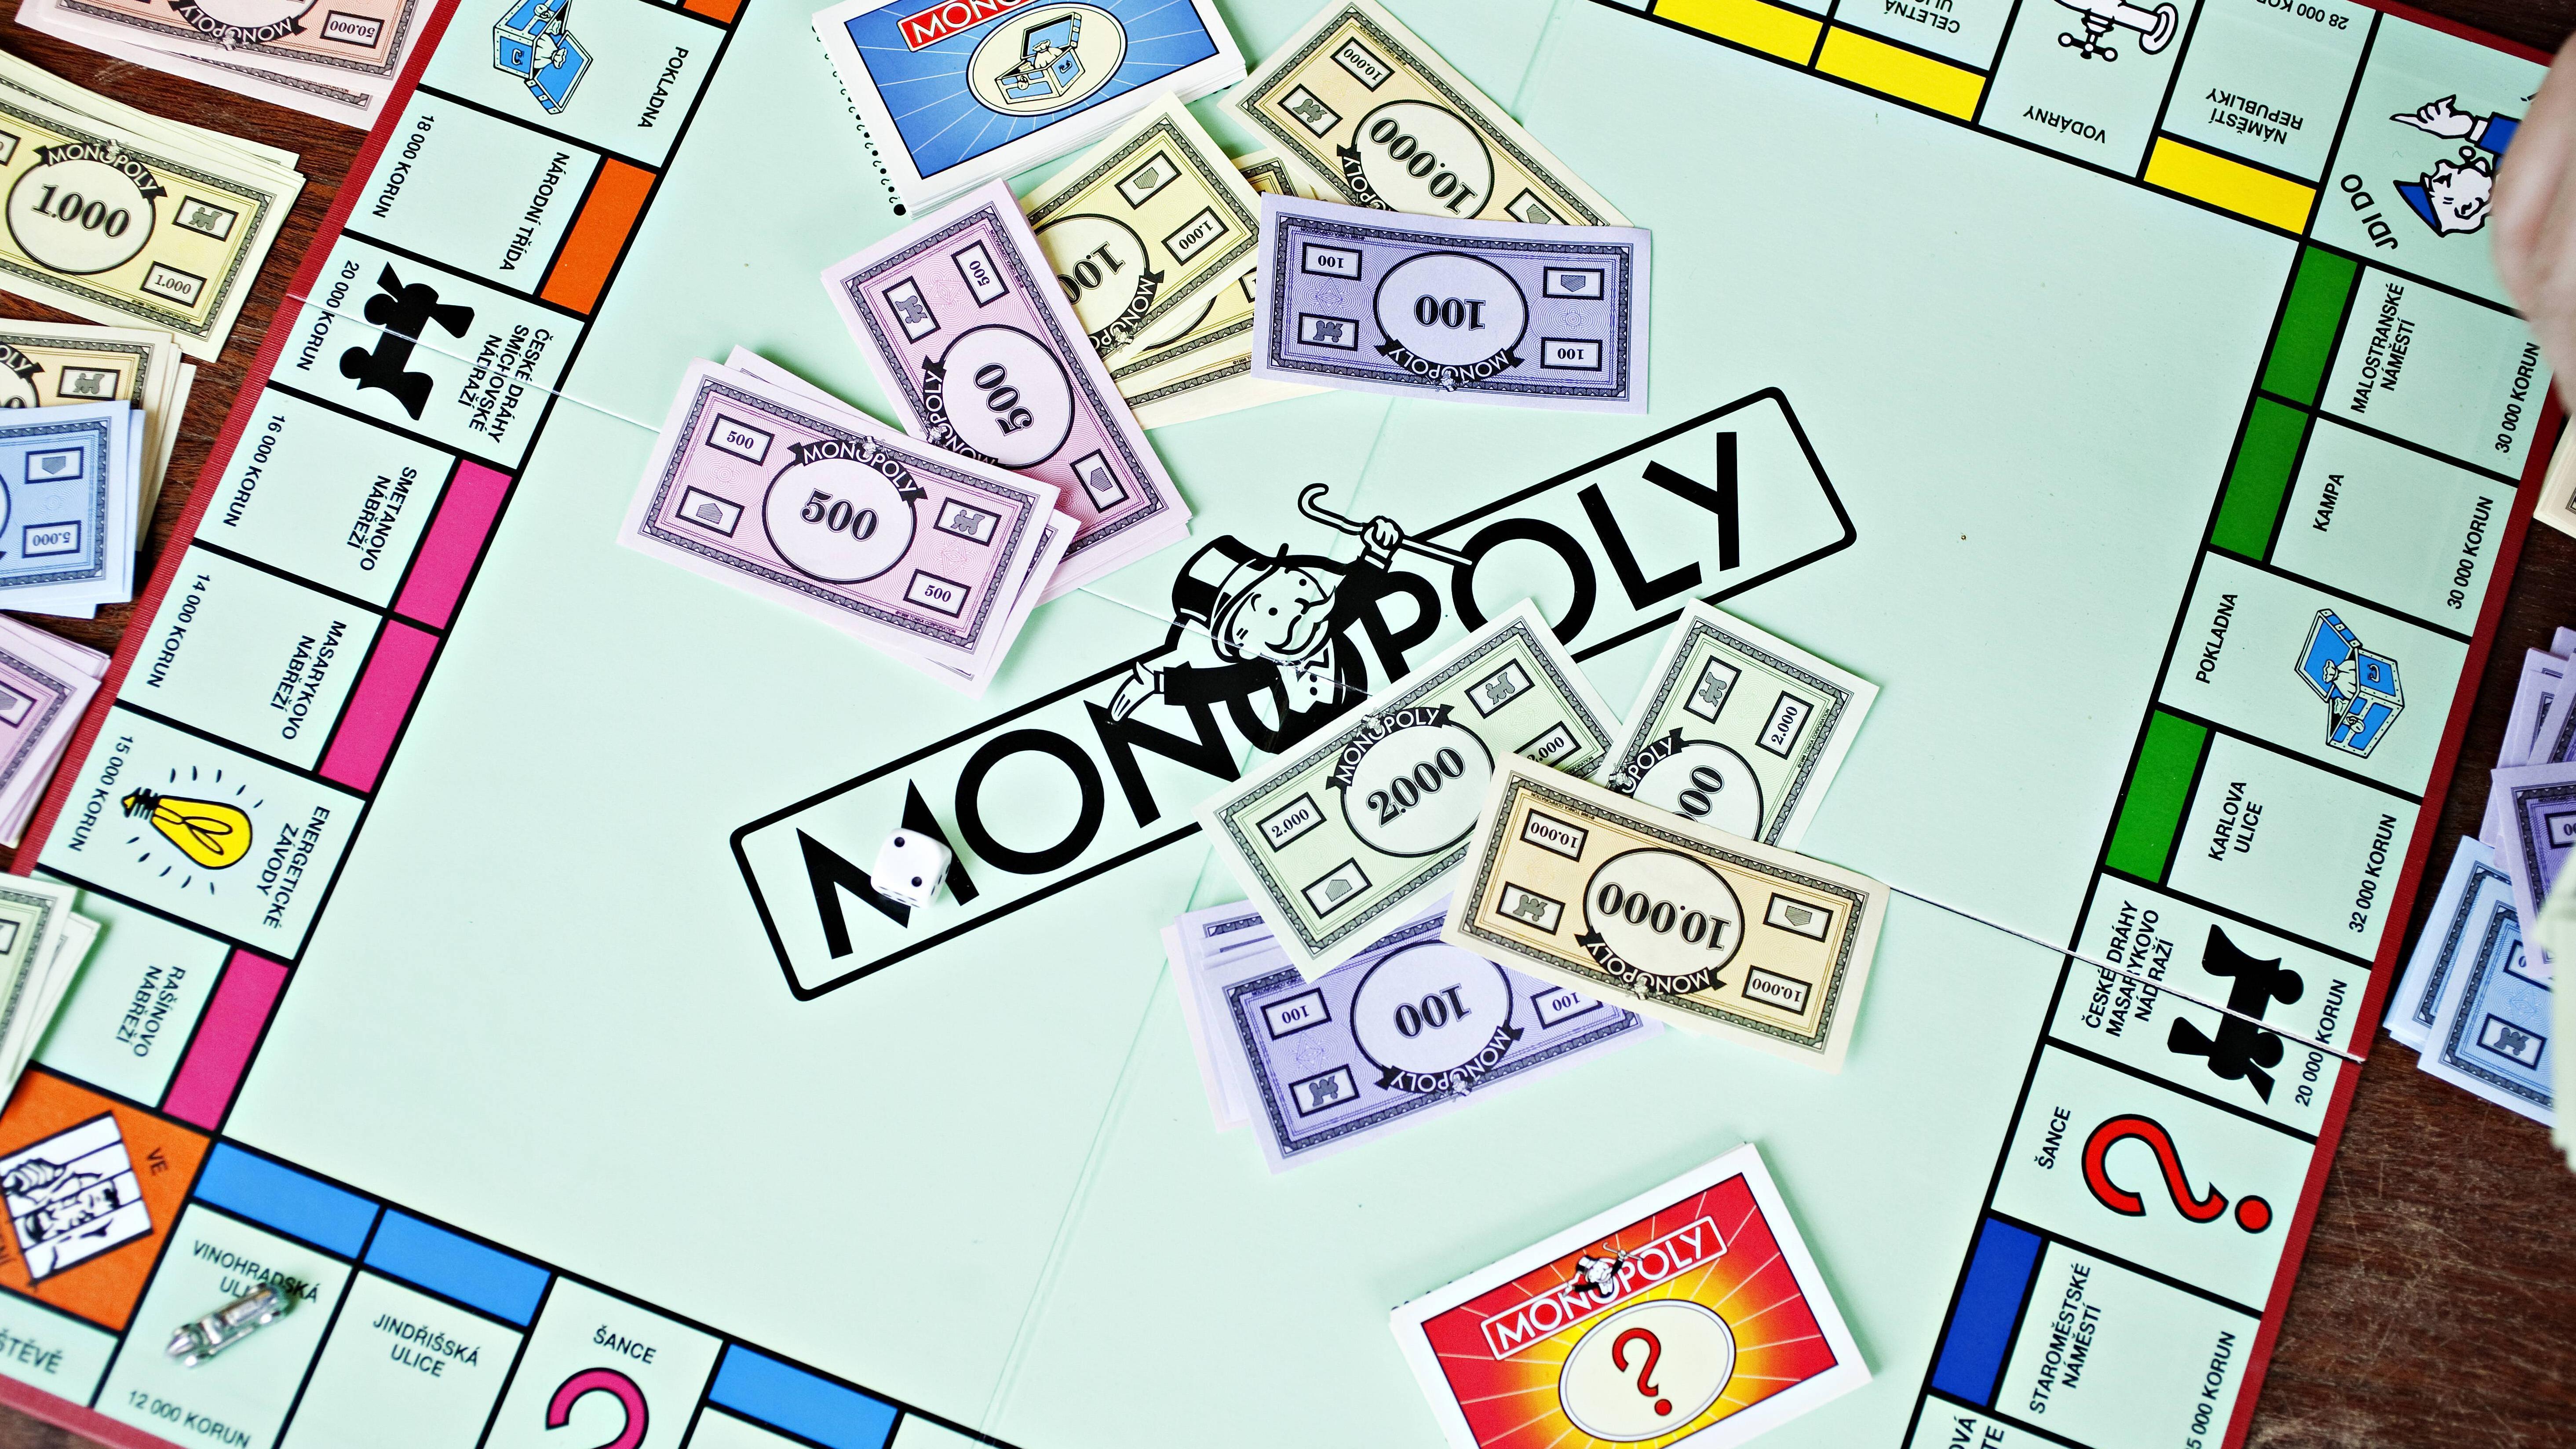 Spielanleitung Monopoly: Spielregeln und Tipps einfach erklärt